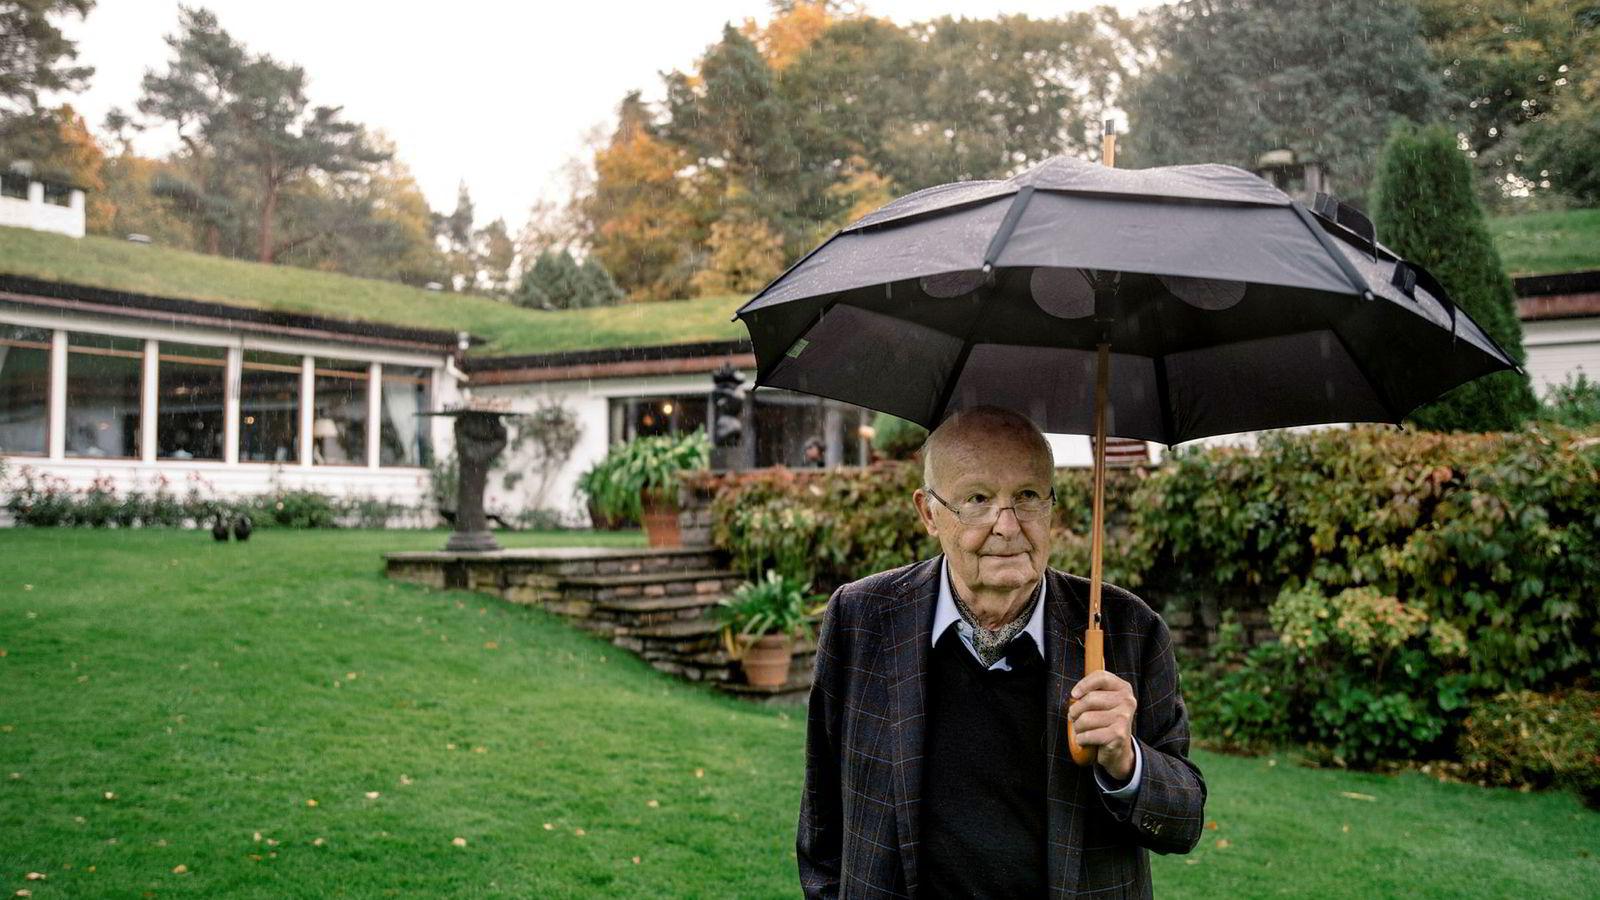 Etter over 60 år i familiens i eie blir Rieber Garden nå lagt ut for salg. – Bergensværet. Dette er en av grunnene til at jeg ønsker flytte, sier Bjarne Rieber når høstdråper på nytt avbryter turen i det enorme parkanlegget.